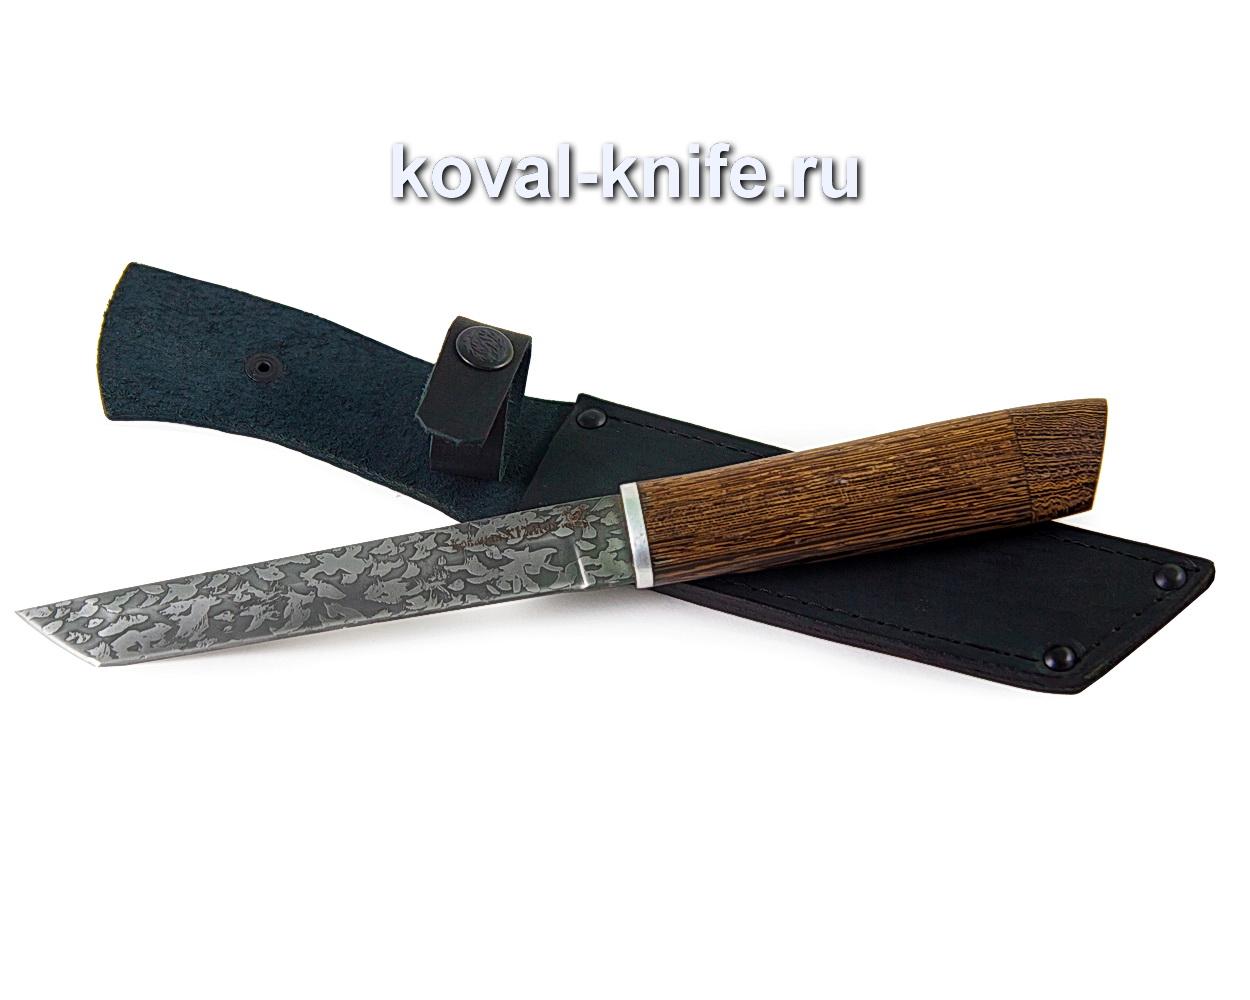 Нож Кобун из стали х12мф, (рукоять венге, травление клинка) A356